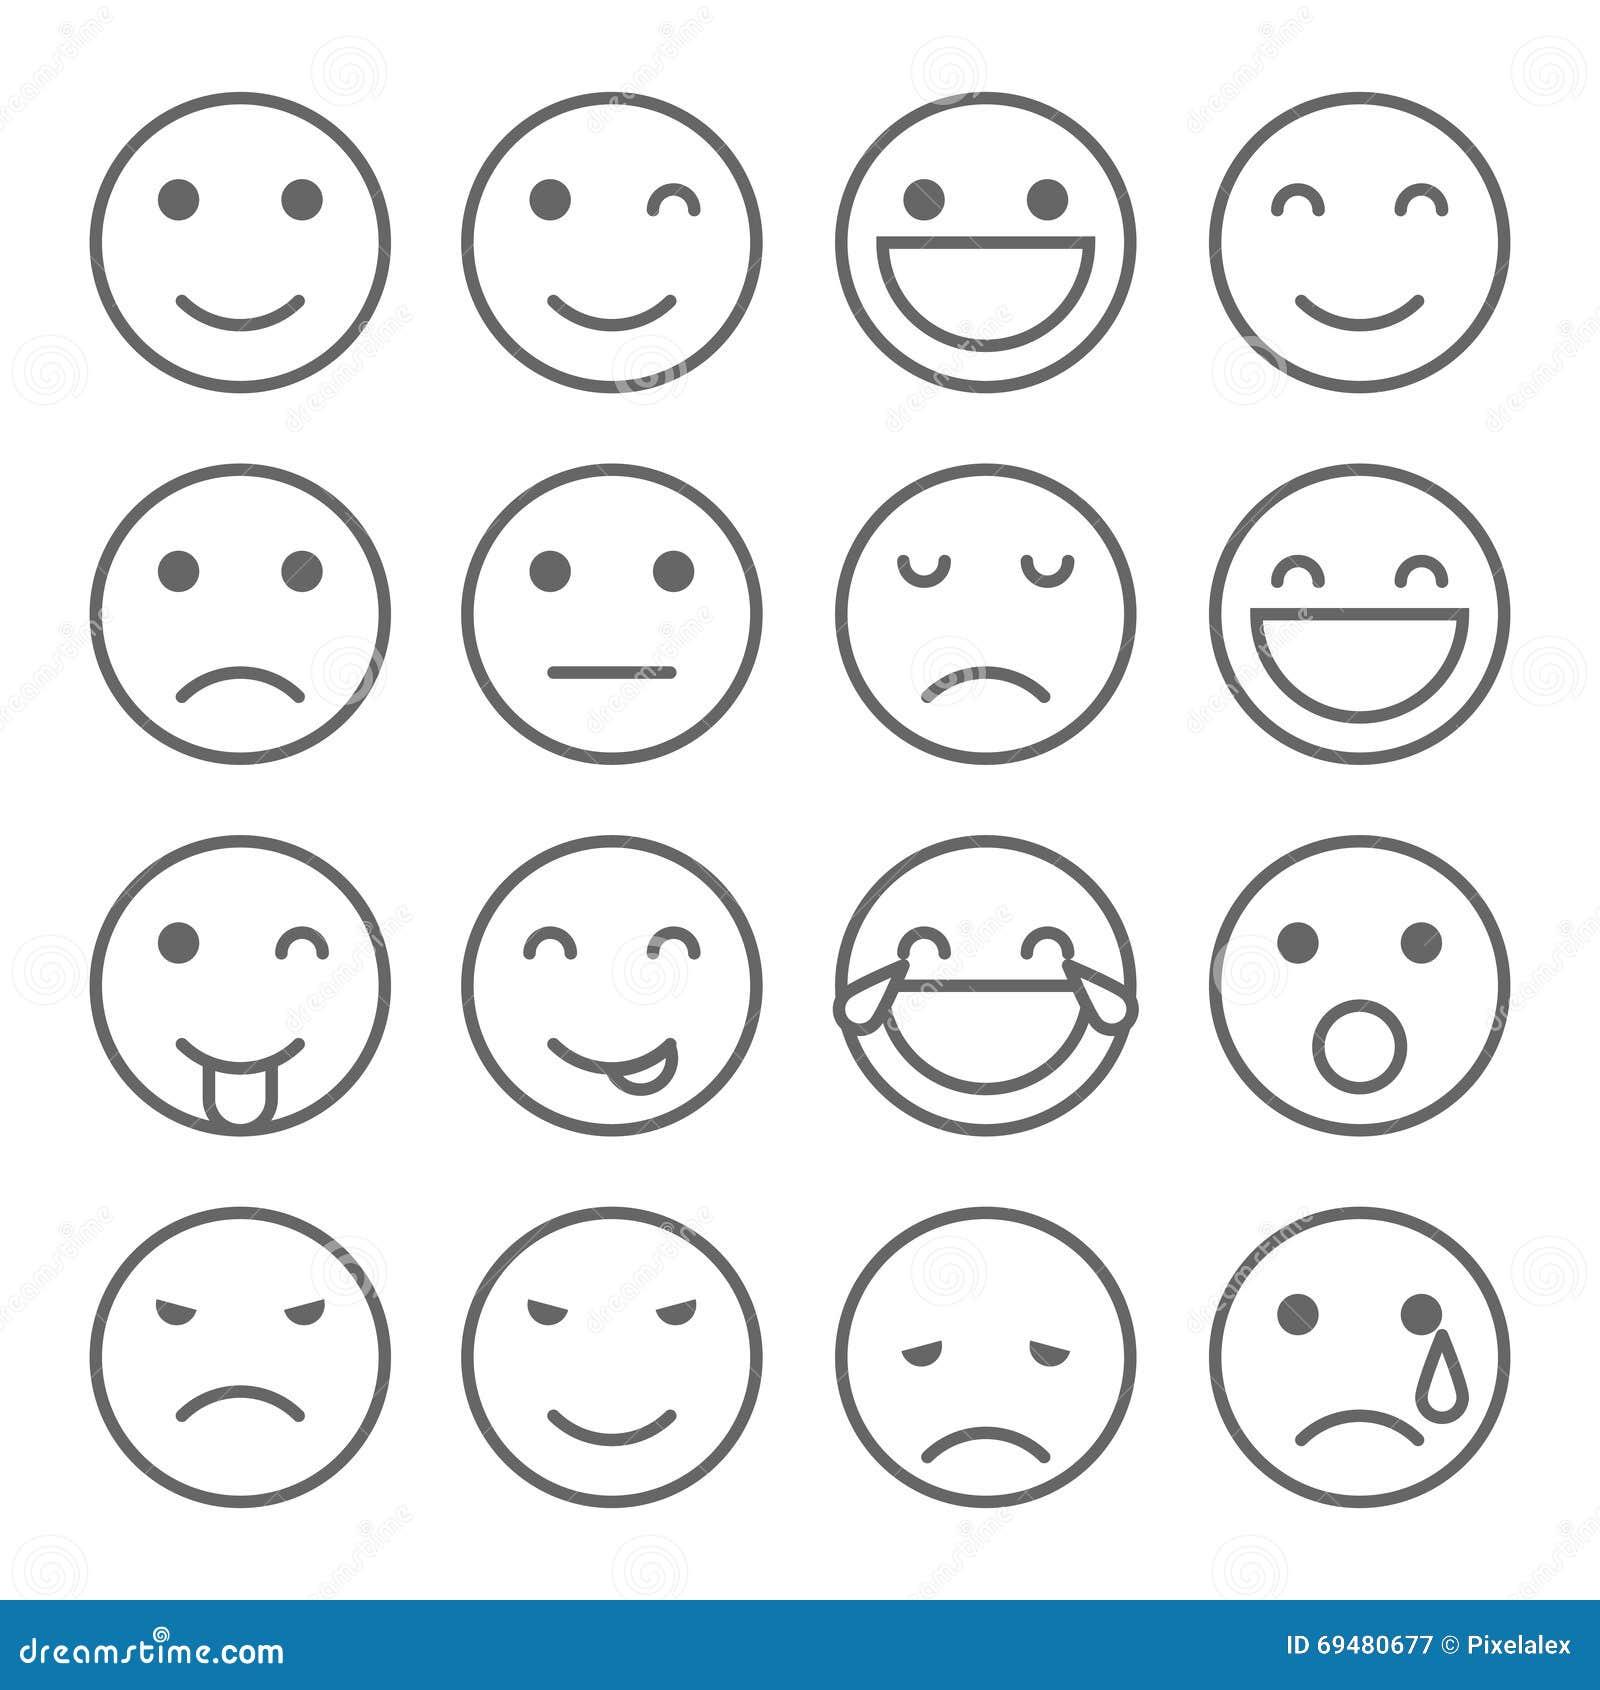 warnio05 emoji kleurplaat poep